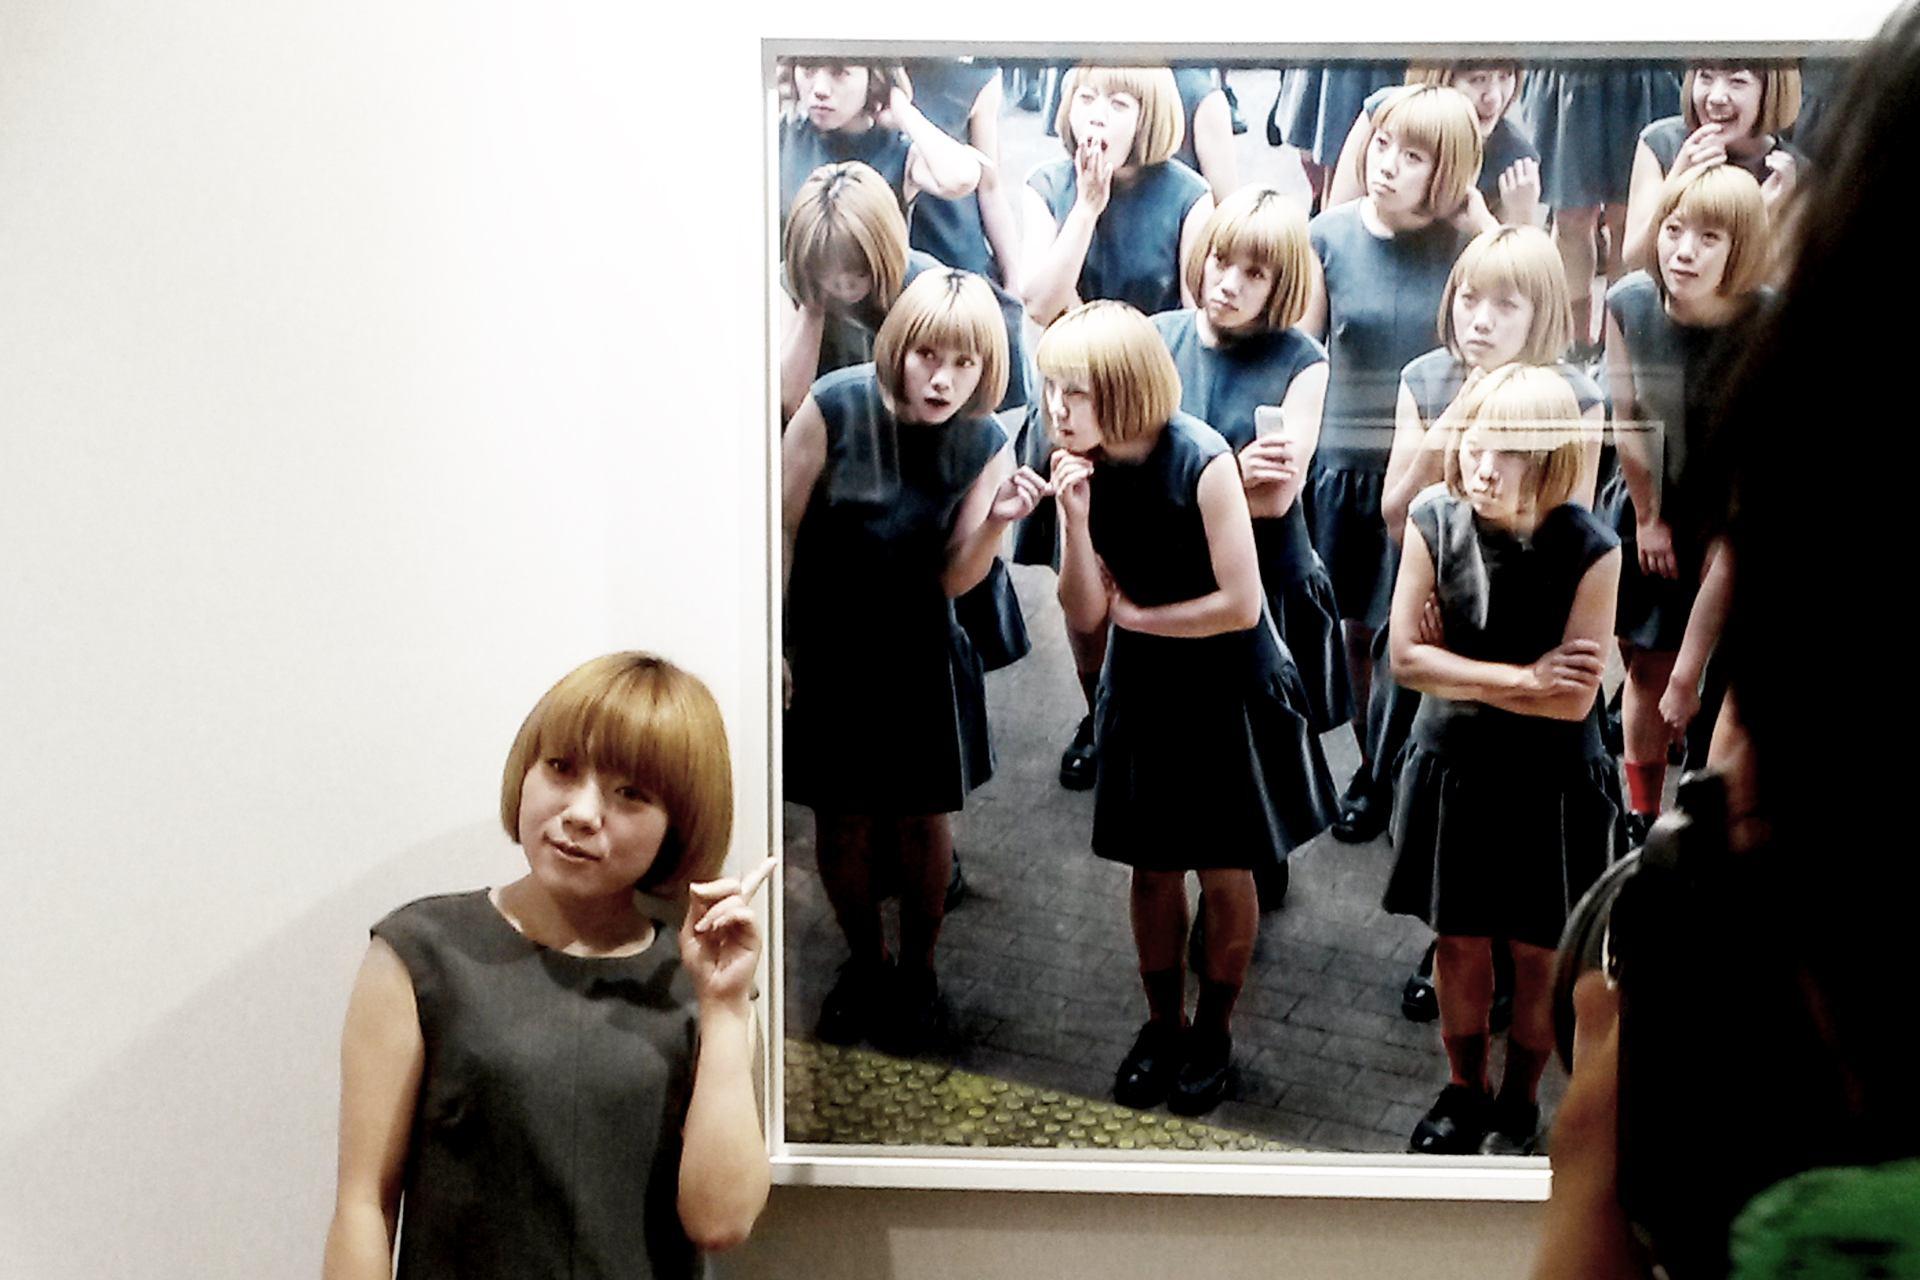 Les clones